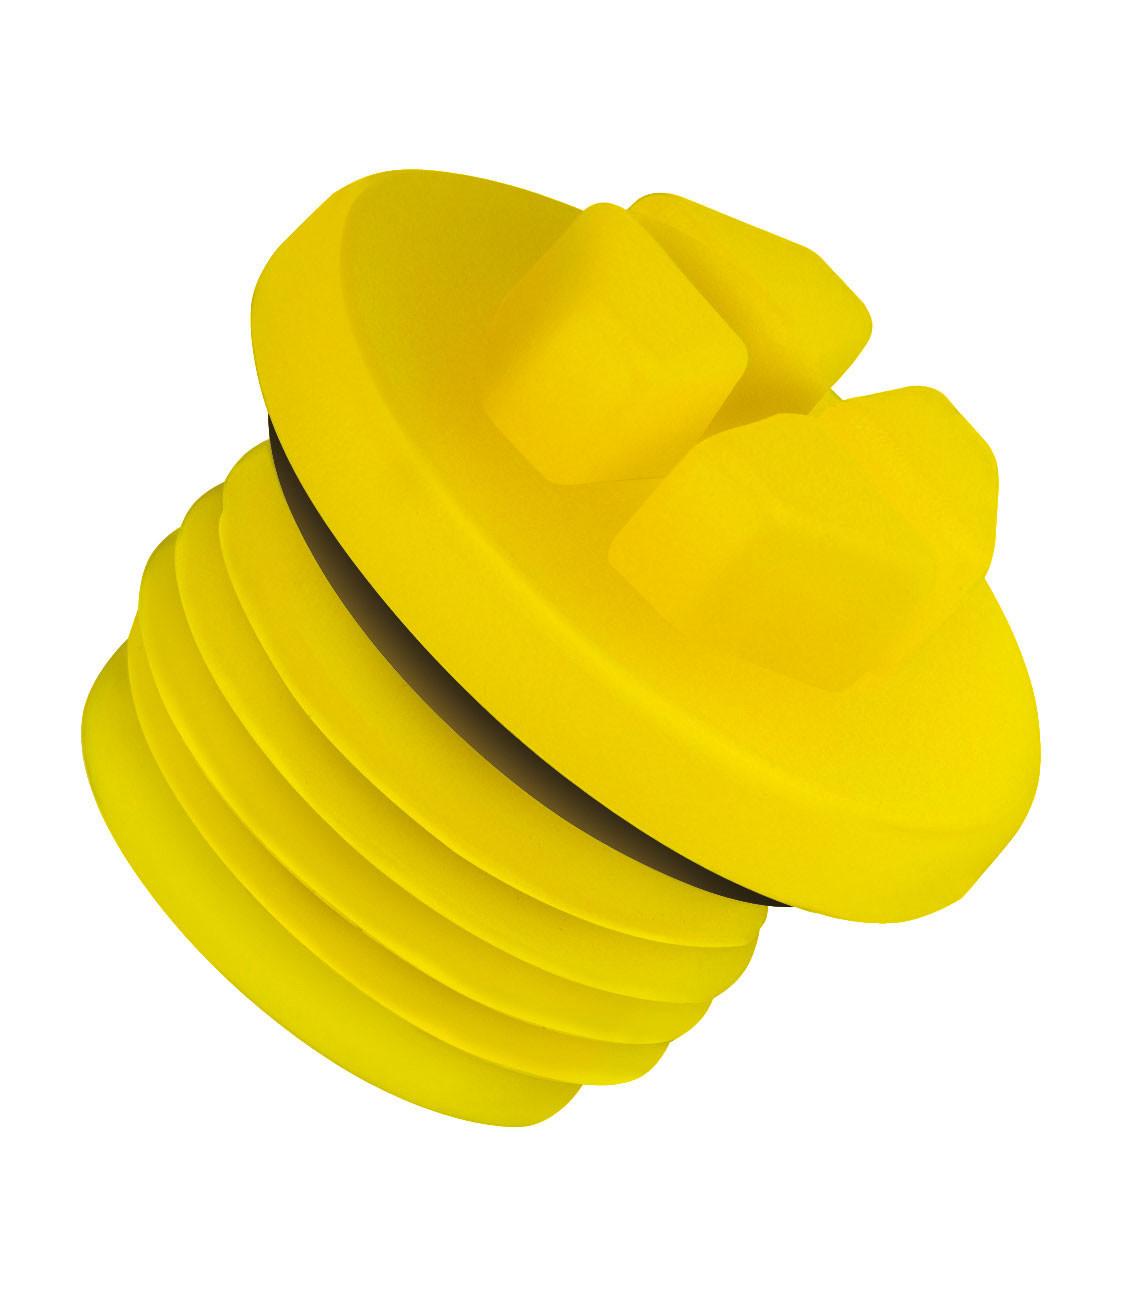 BSP Threaded O-Ring Plug, BSP 1/8 x 28 - 500 Pieces